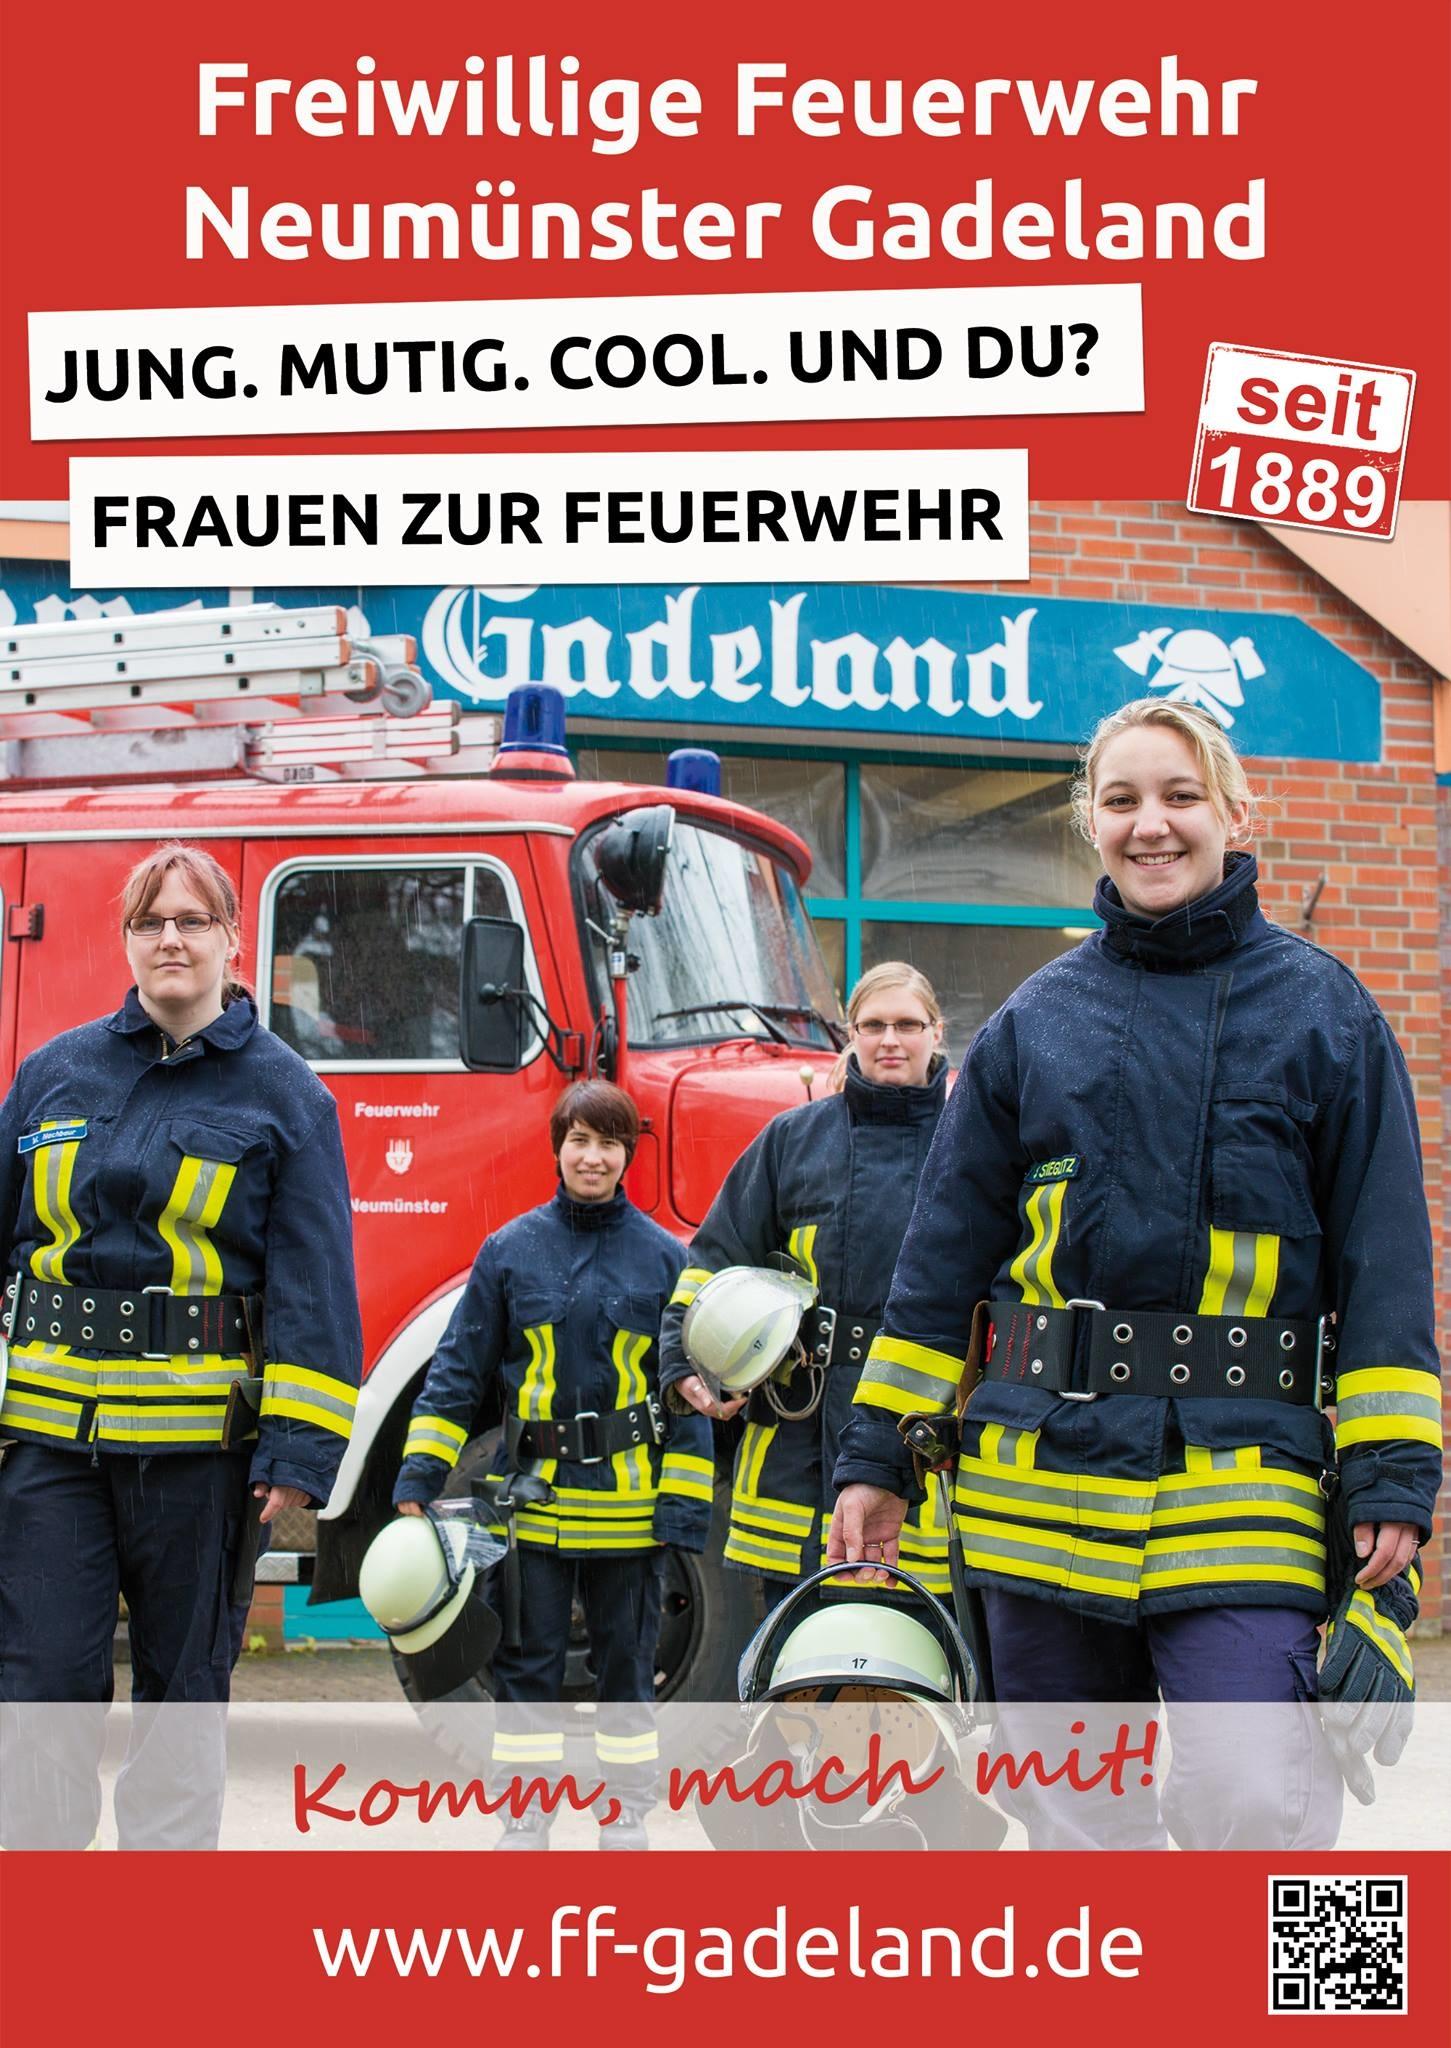 Mitgliederwerbung, Frauen zur Feuerwehr